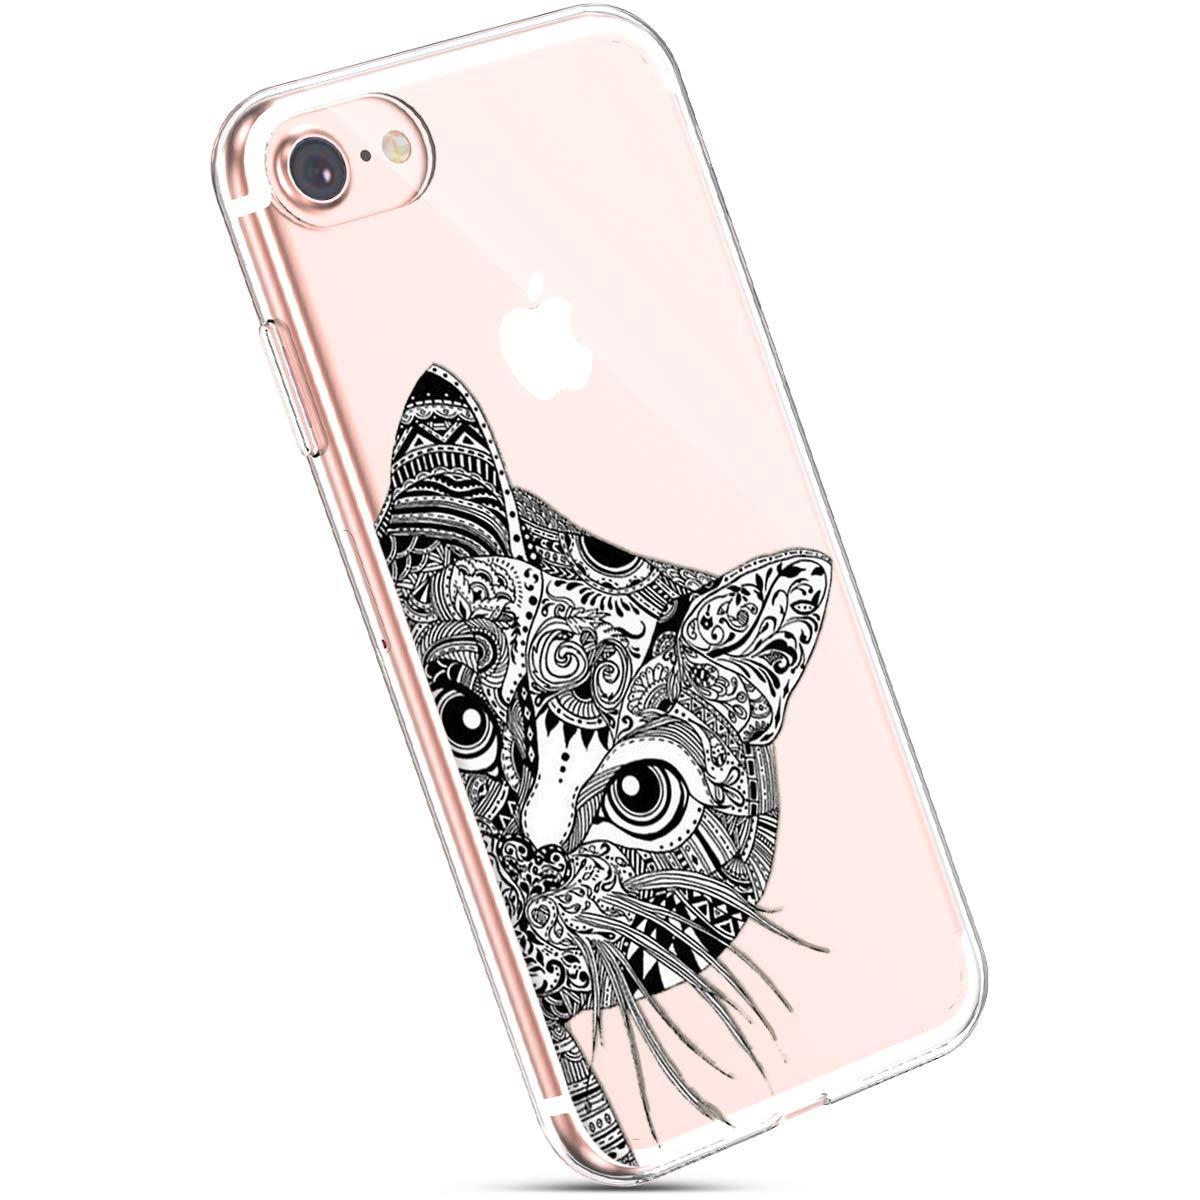 iPhone 7 Silikon H/ülle Ysimee iPhone 8 H/ülle Transparent UltraD/ünn HandyH/ülle Silikon TPU Case Cover Durchsichtig Soft Gel Cover Sto/ßfest EINWEG Gummi Sto/ßd/ämpfend SilikonH/ülle Elefant